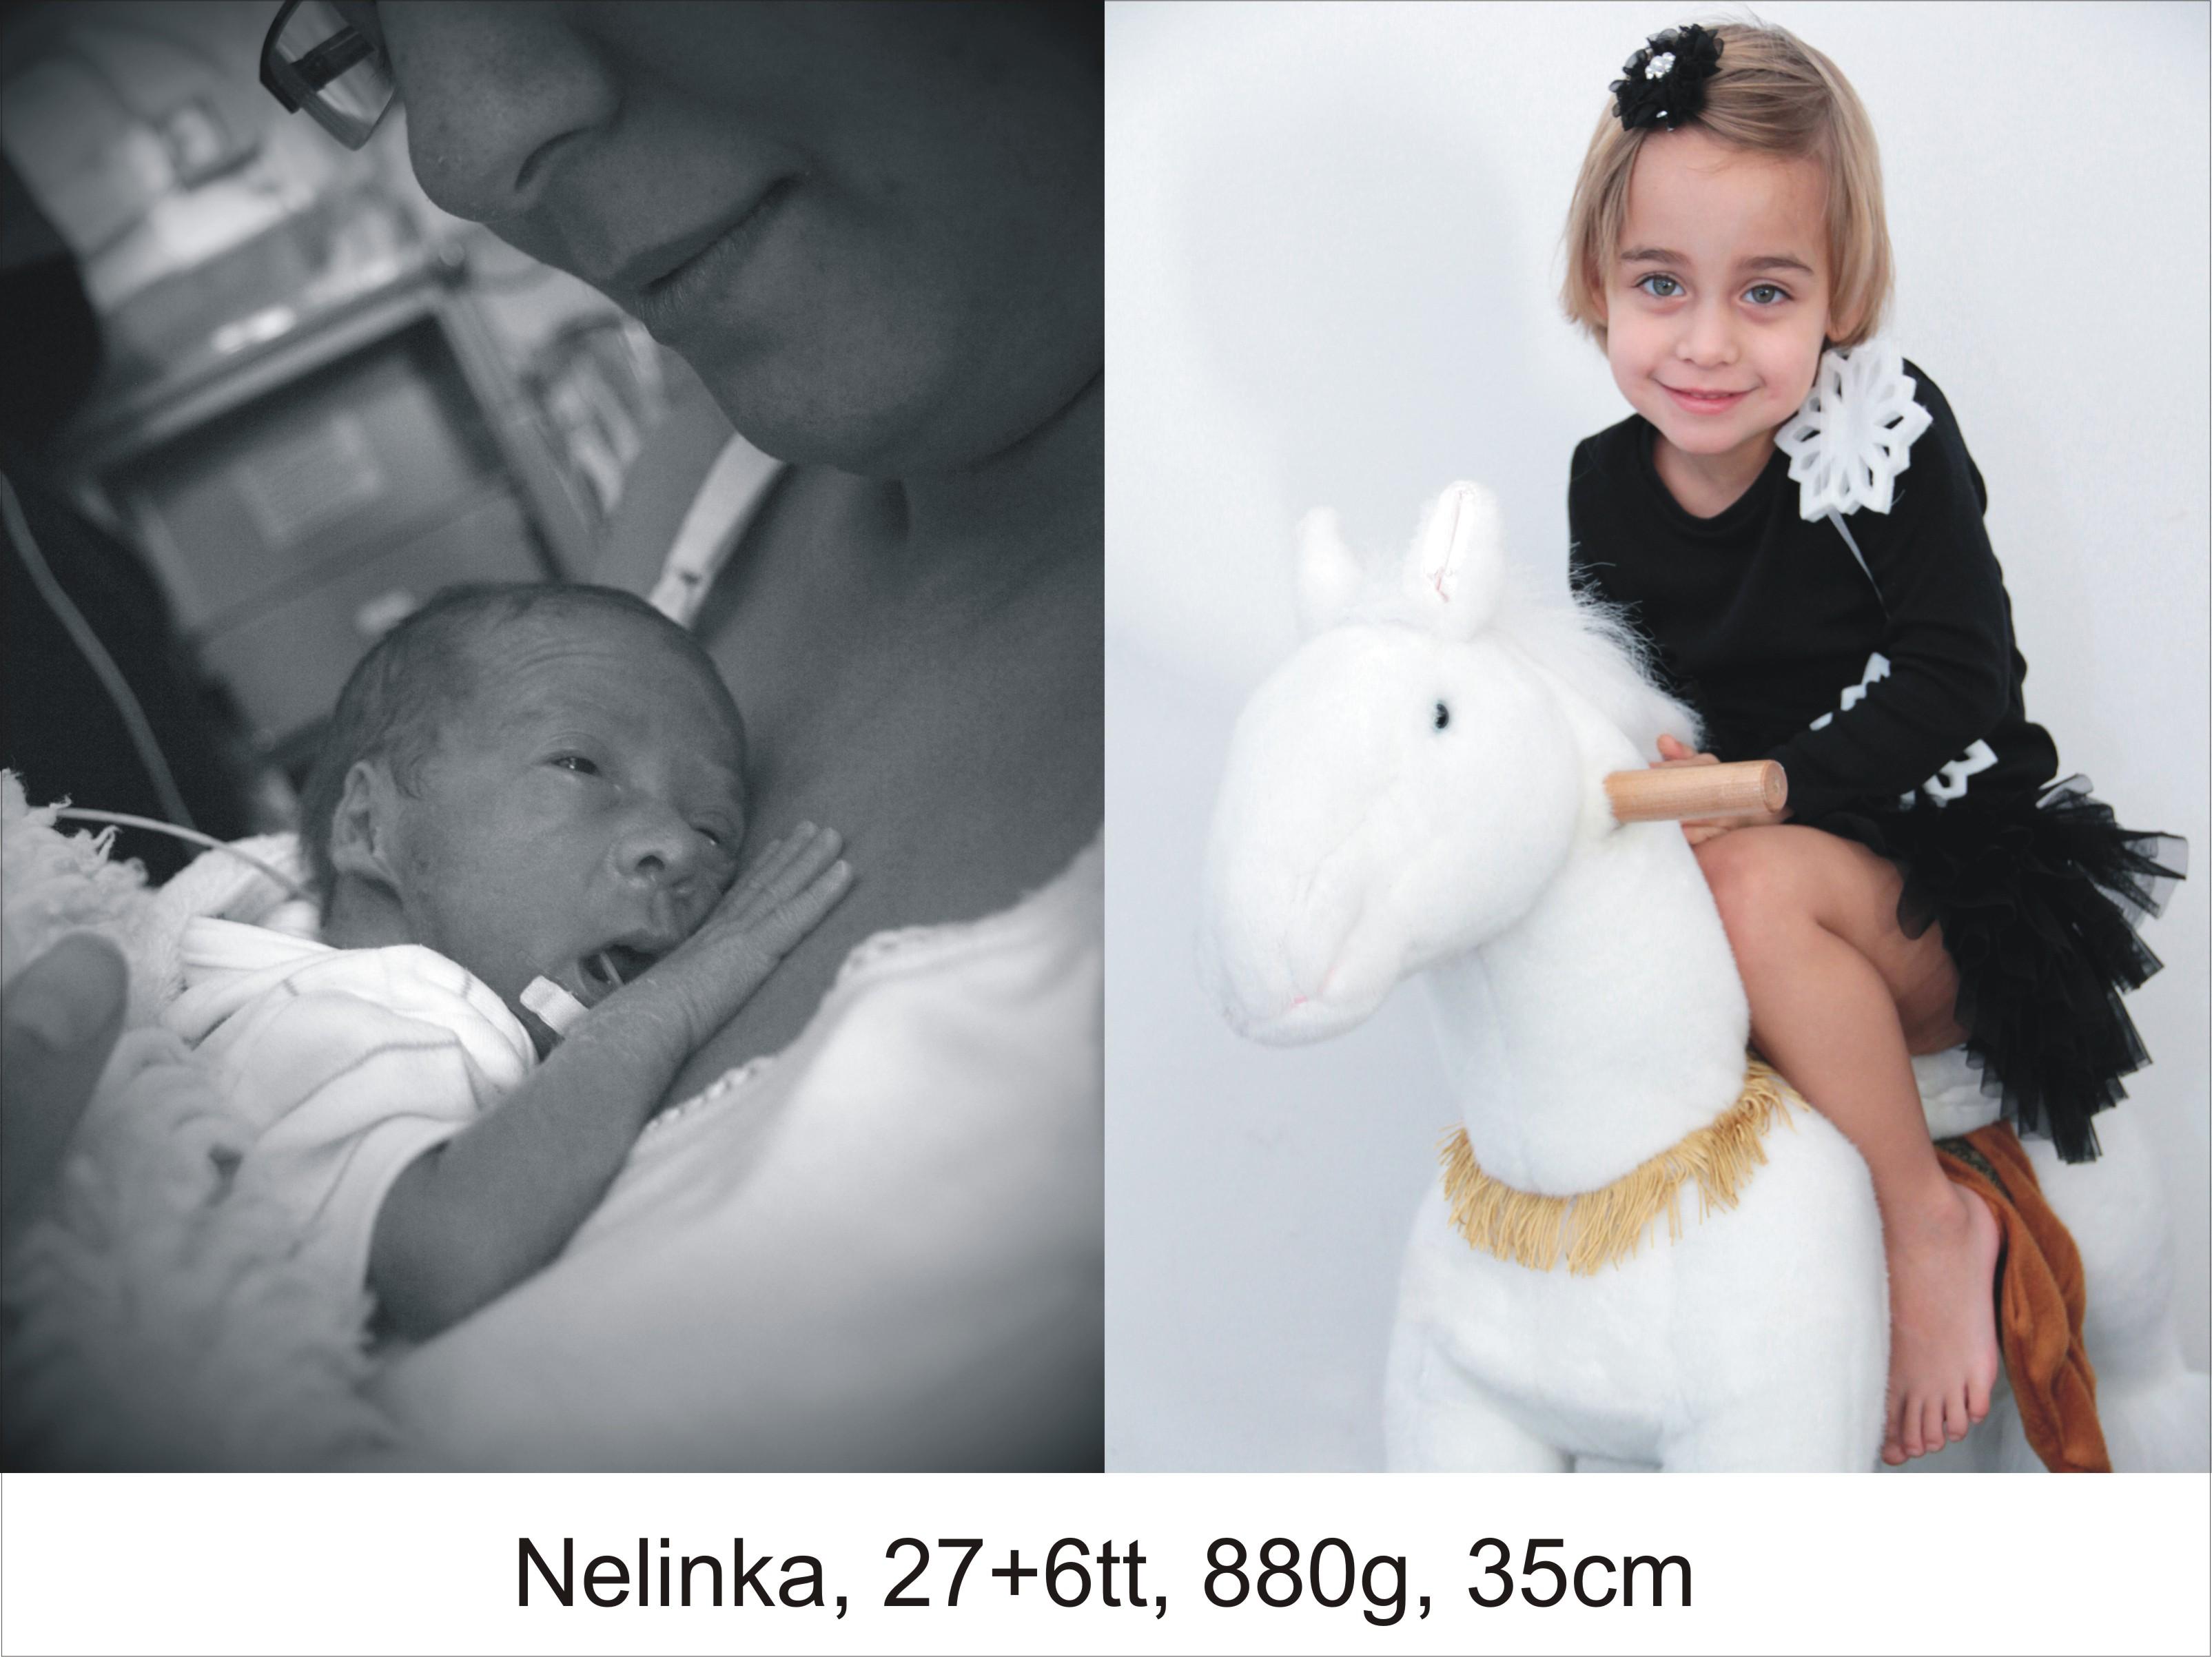 Nelinka, 27+6tt, 880g, 35cm